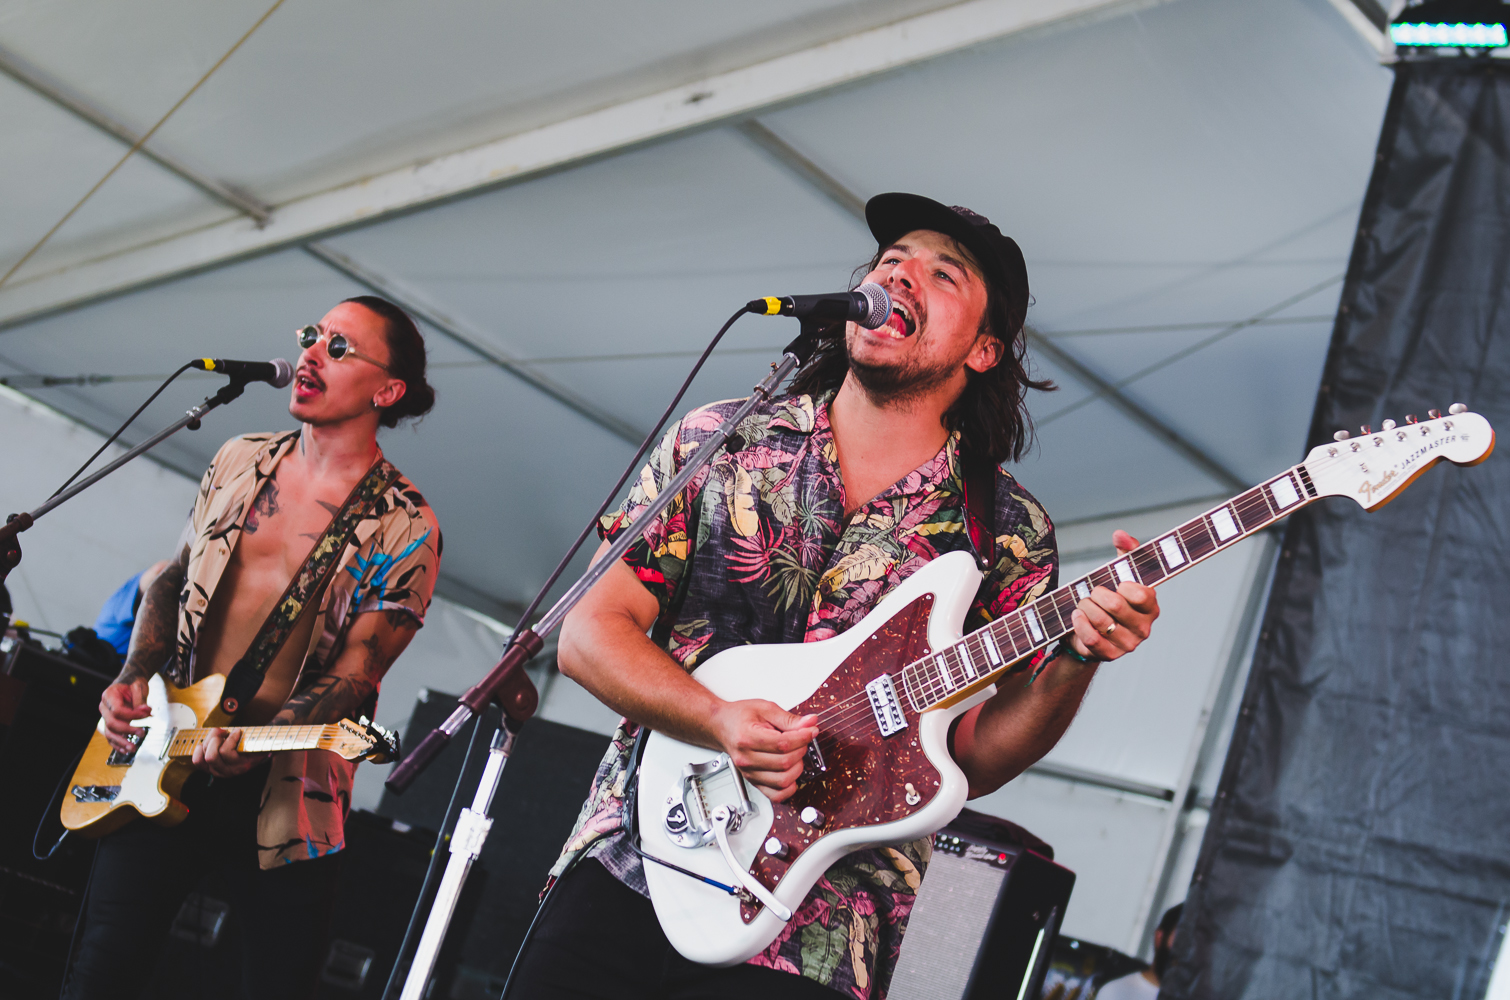 Newport Folk Festival 2018 Ben Kaye-Glorietta Matt Vasquez Noah Gunderson